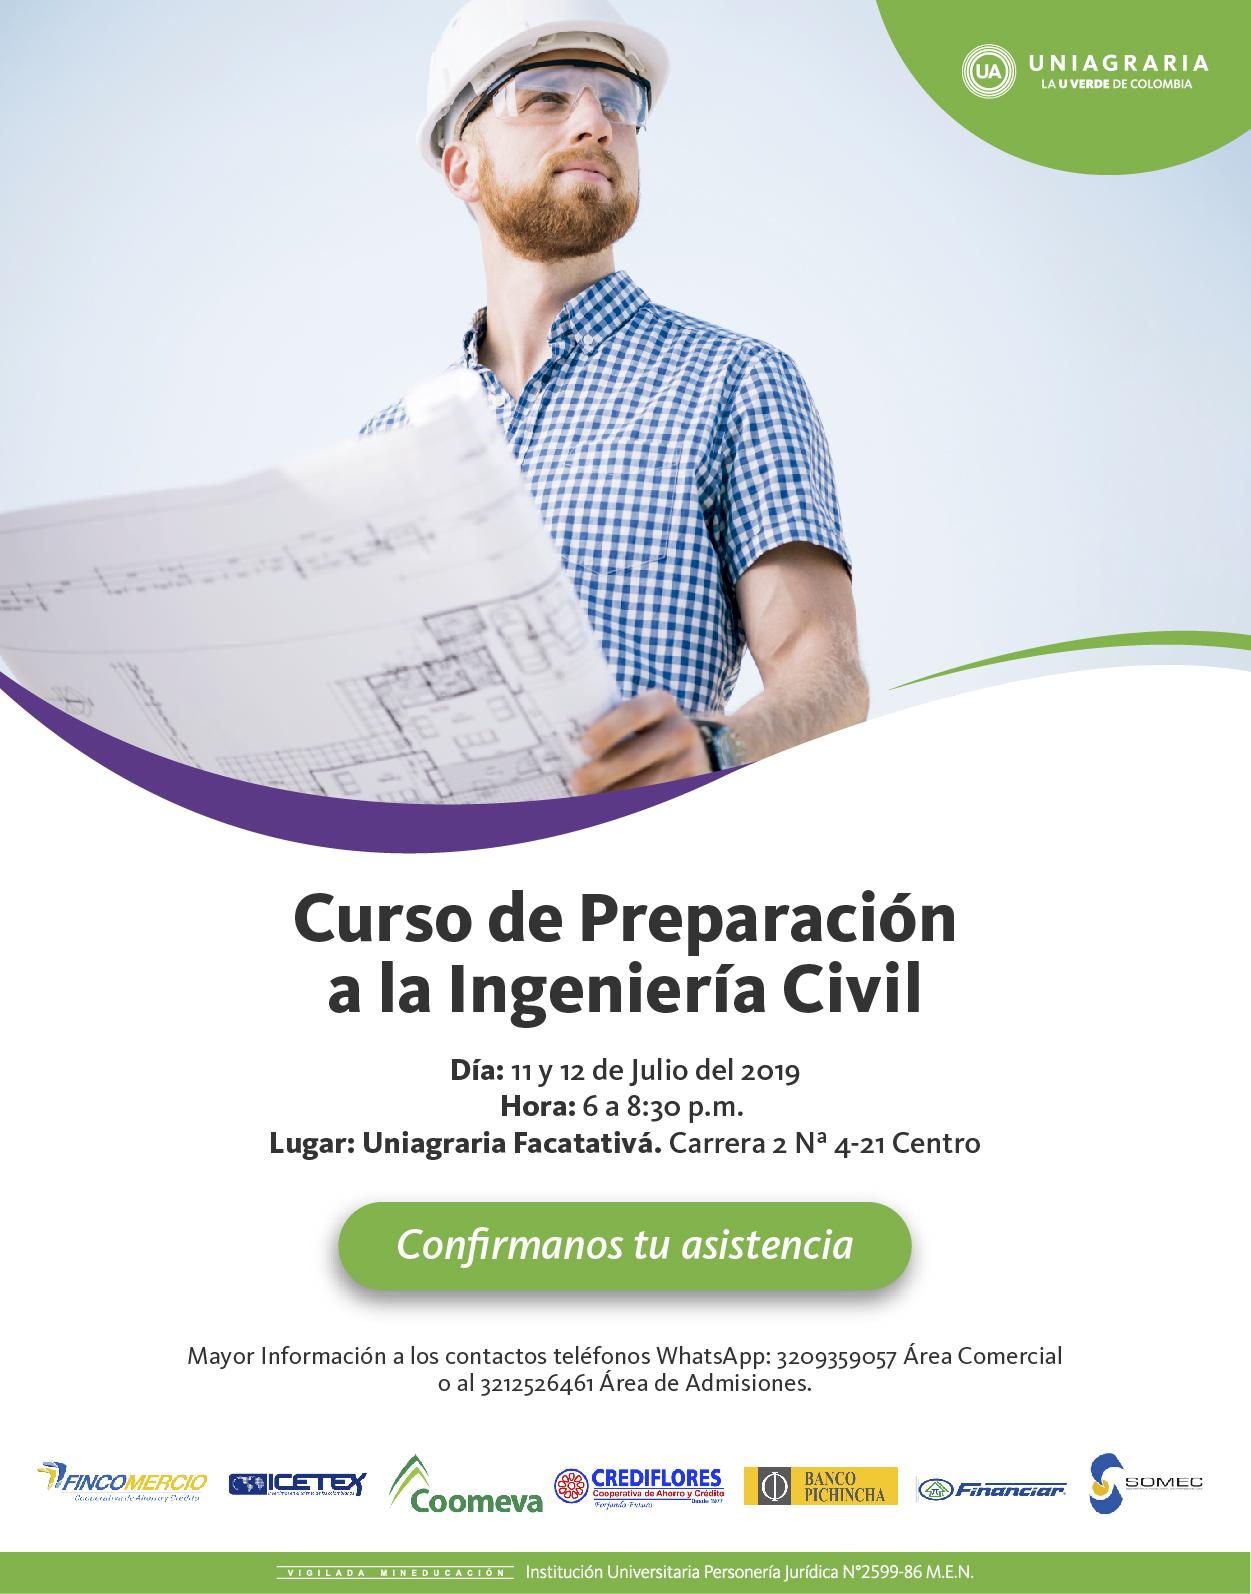 Curso de Preparación a la Ingeniería Civil